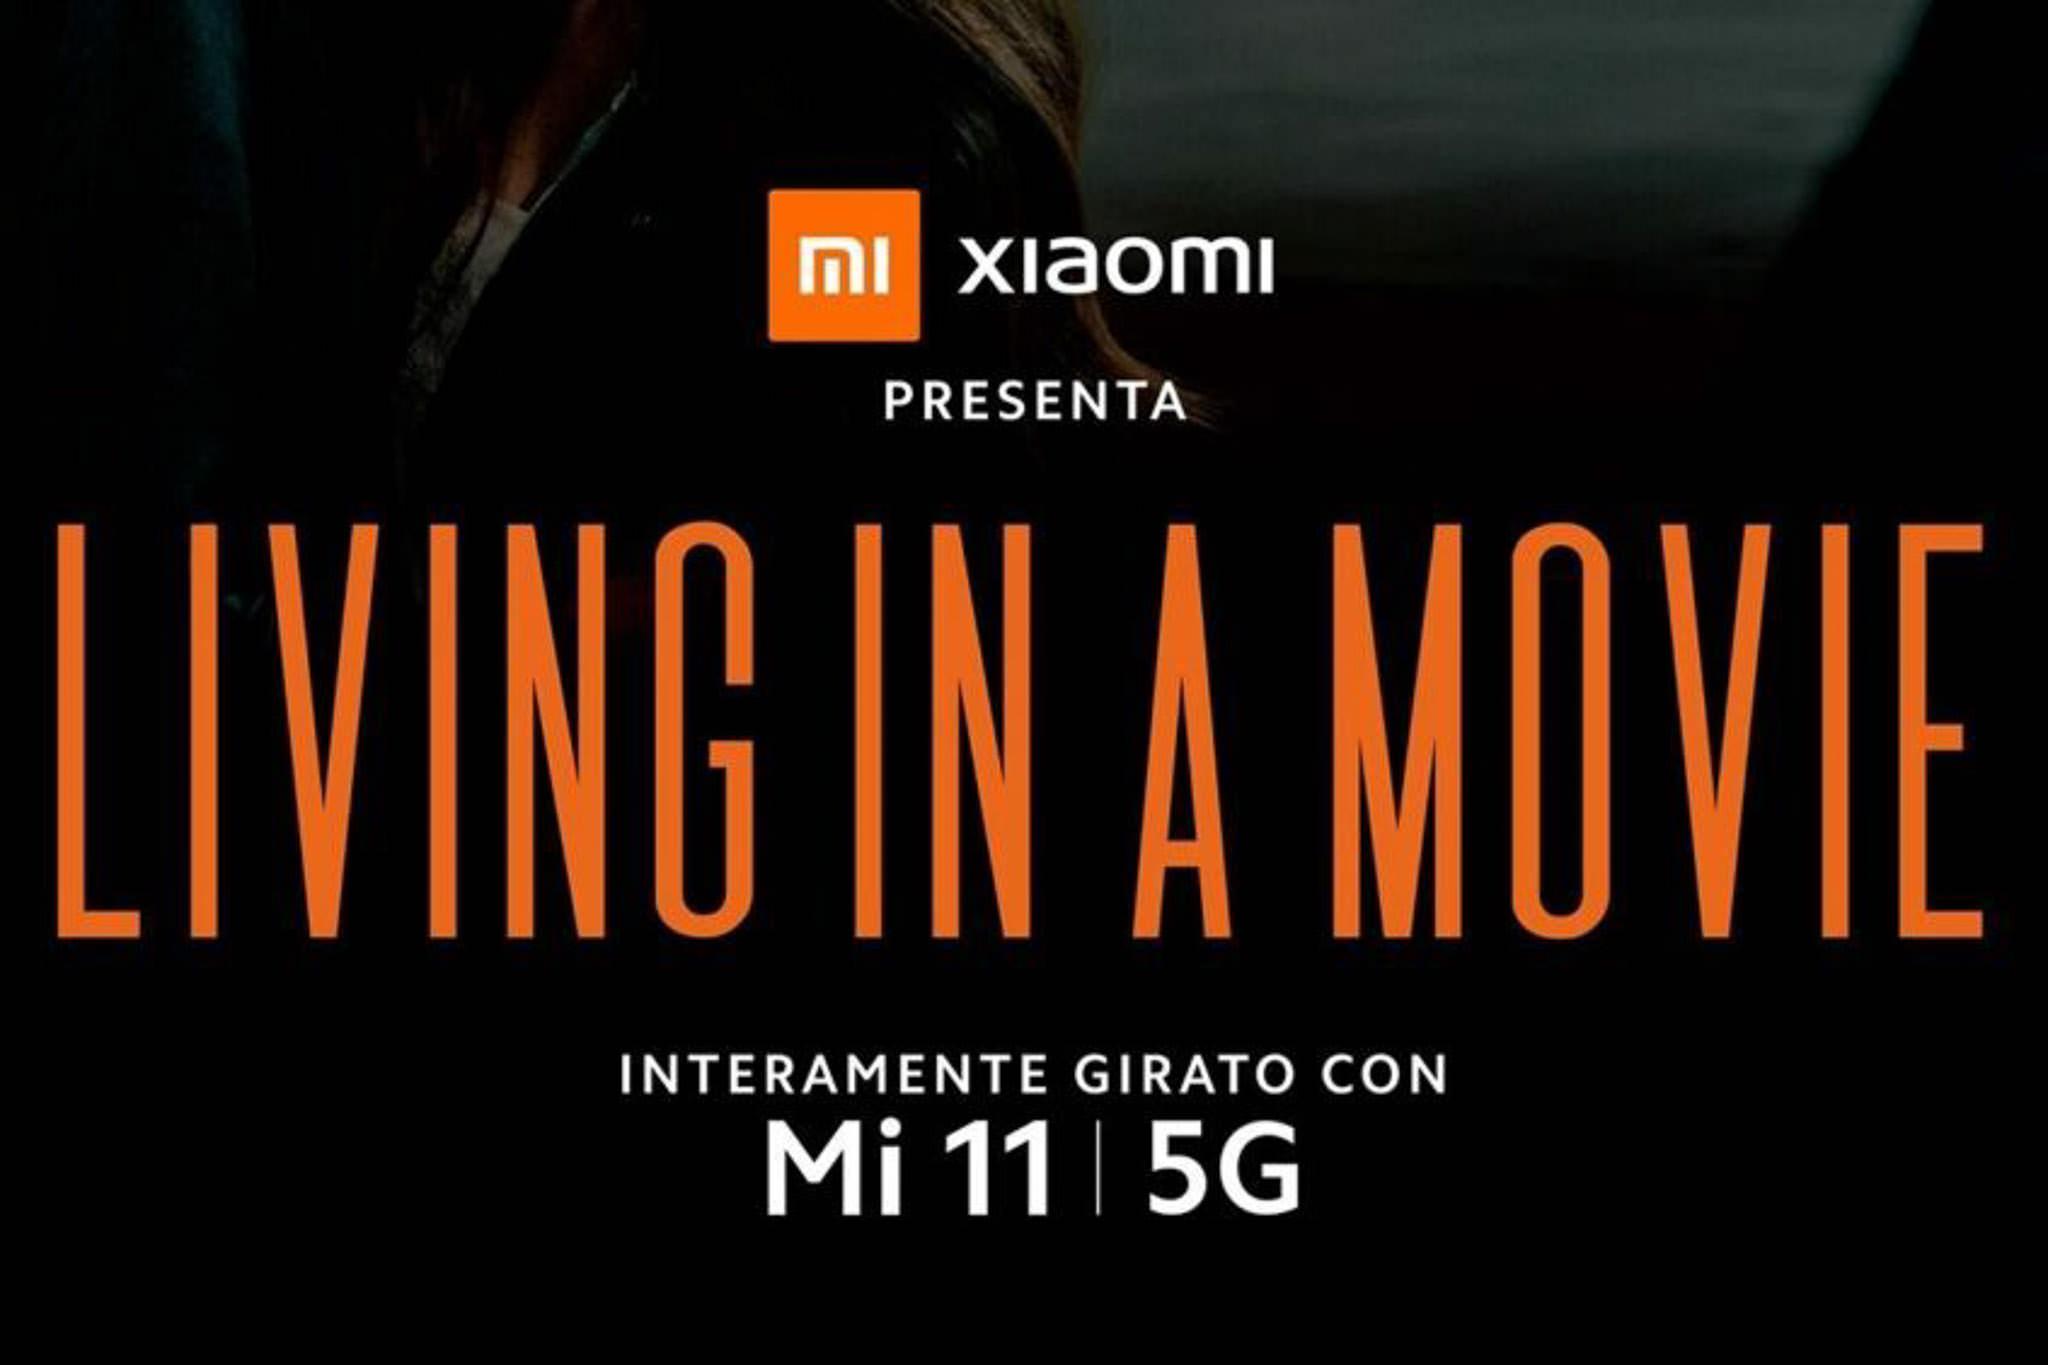 xiaomi-mi11-living-in-a-movie